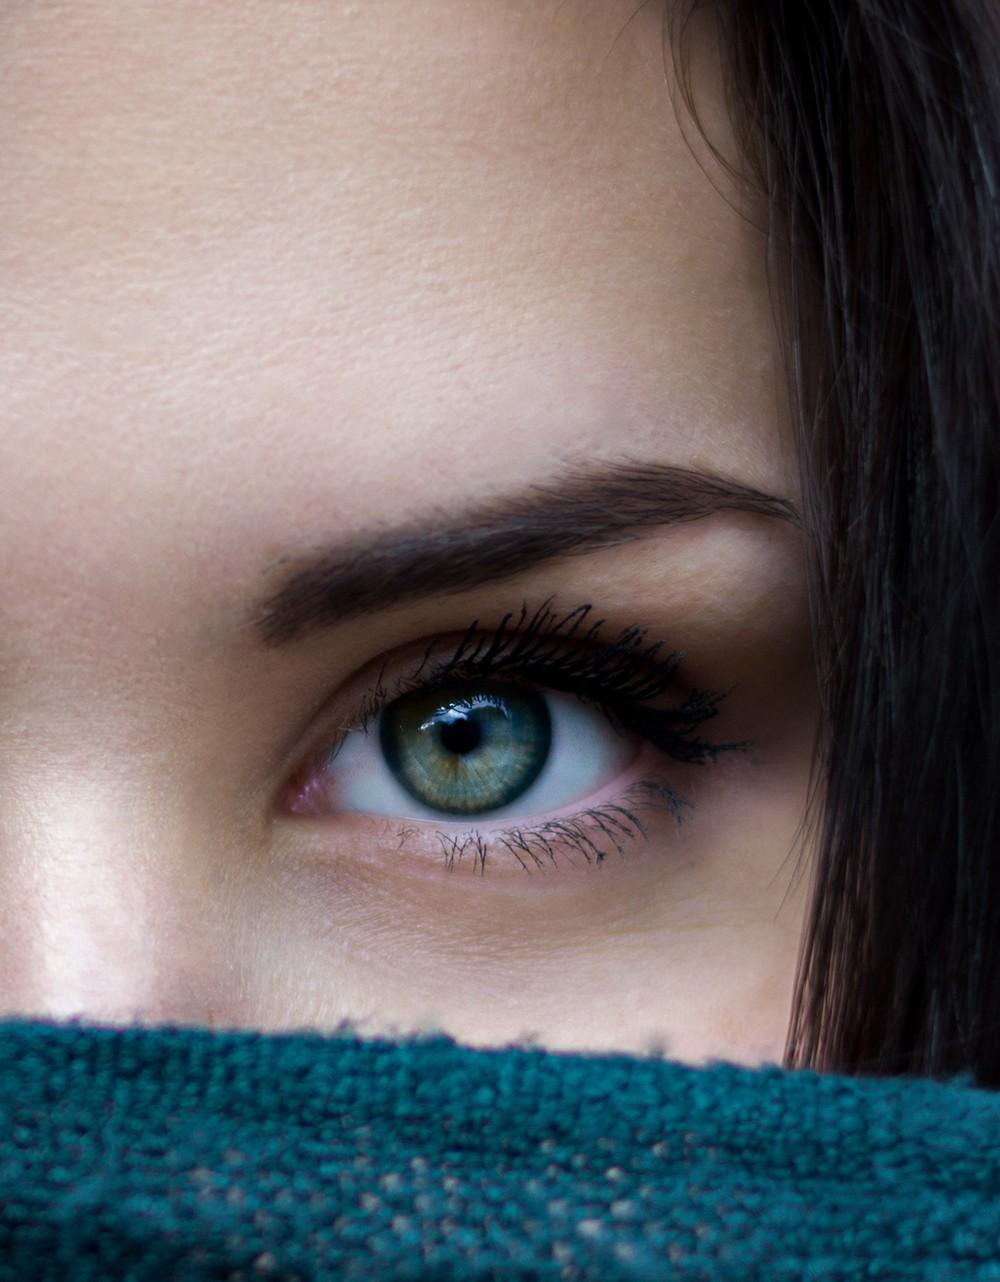 Spa White Dermal contorno de los ojos de Gisele Delorme